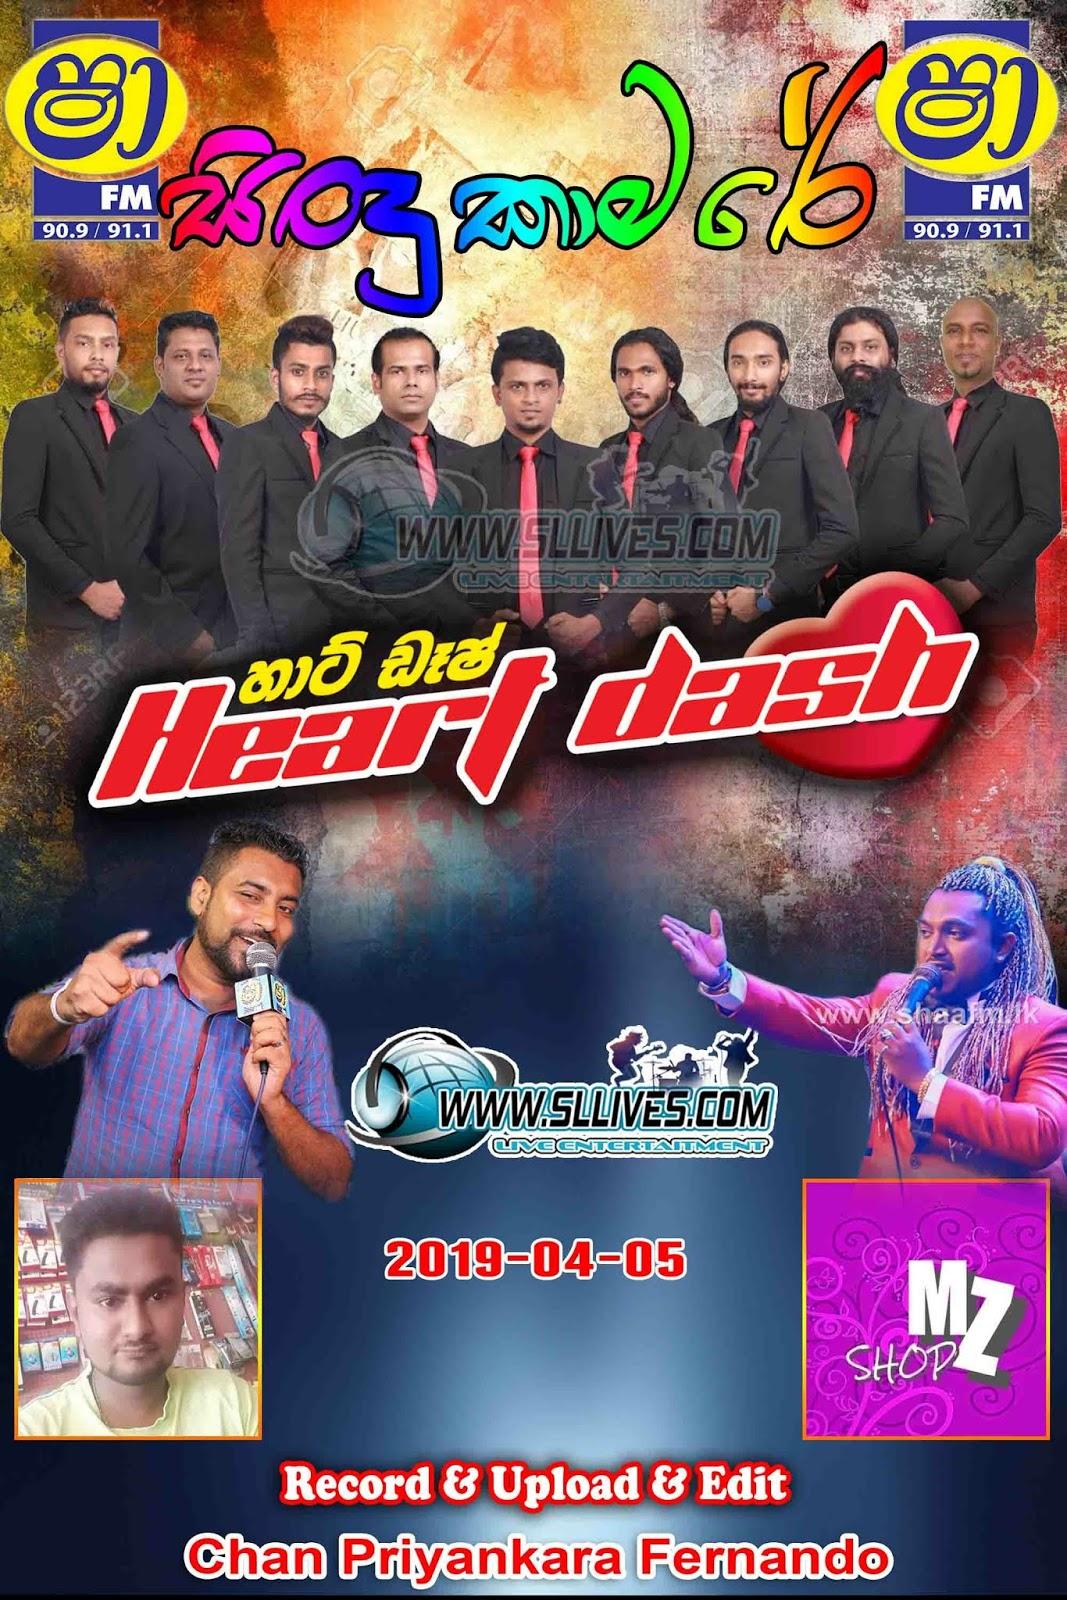 SHAA FM SINDU KAMARE WITH HEART DASH 2019-04-05 - Www